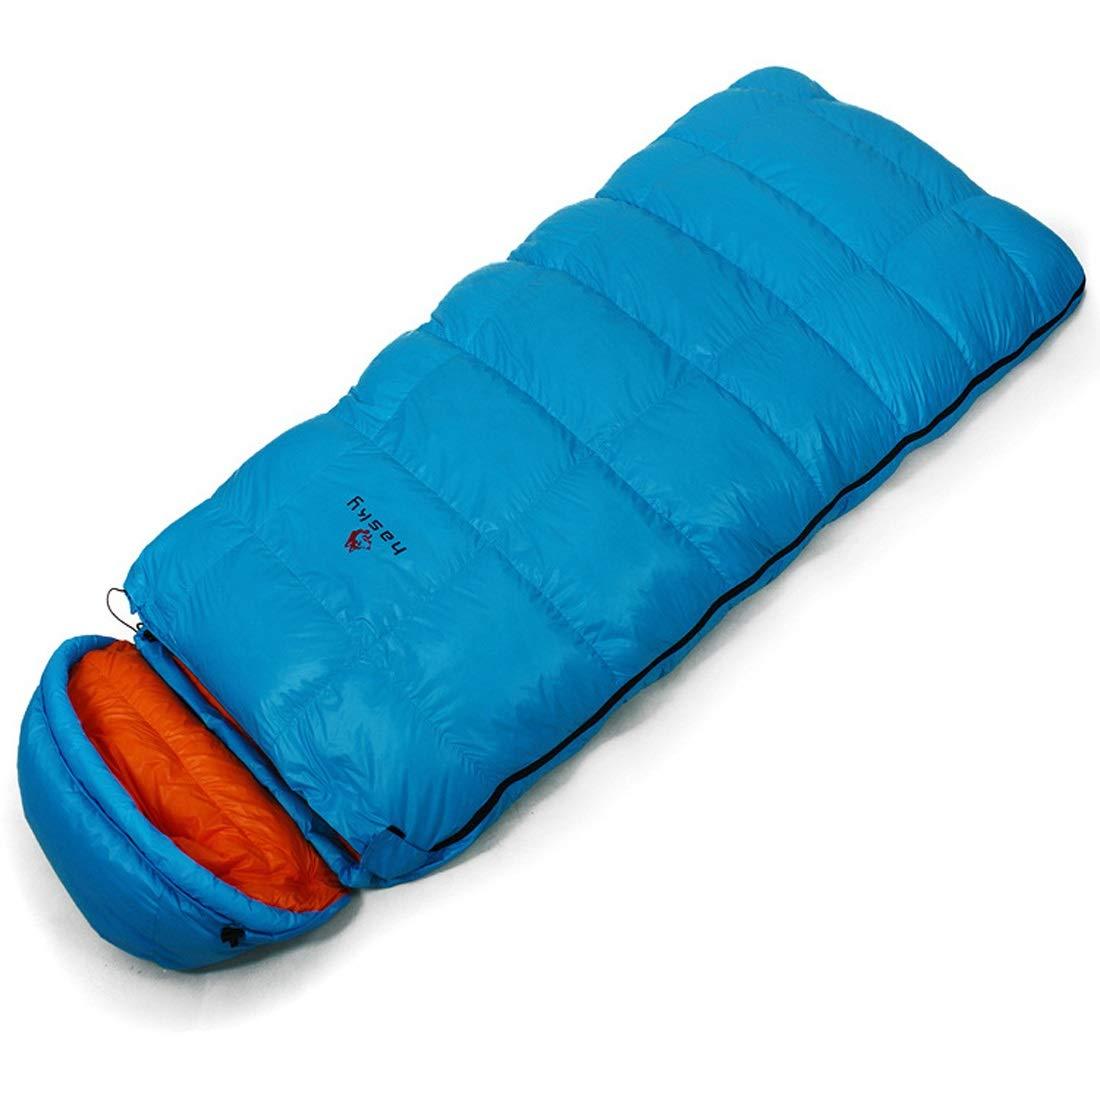 ArotOVL Schlafsack Warmer Umschlag mit Kappe Baumwollschlafsack tragbare einzelne atmungsaktive Schlafsack für Camping, Reisen (Farbe   Blau)